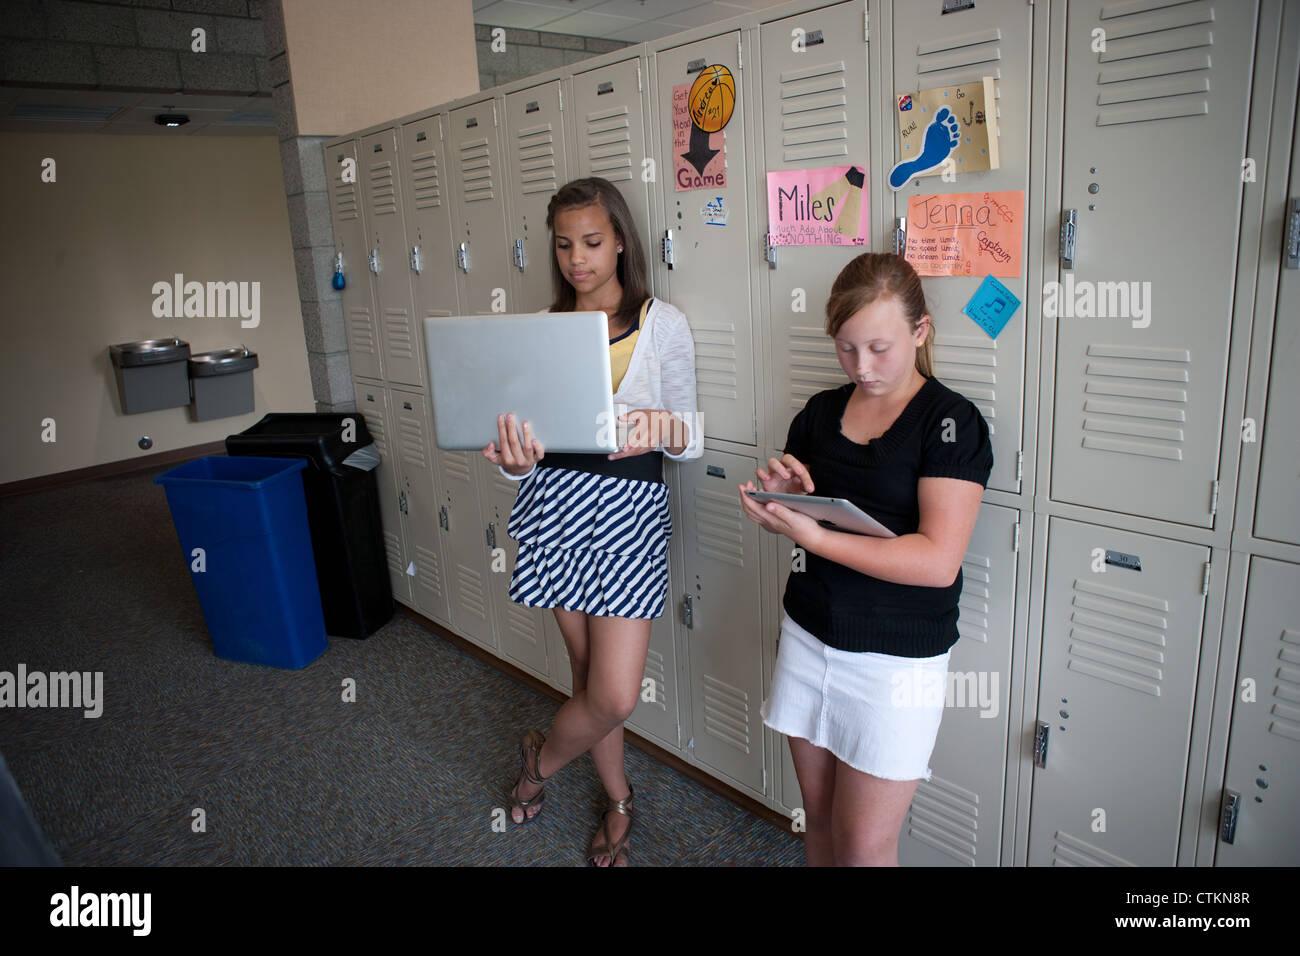 Les jeunes filles à l'aide d'ipad et d'un ordinateur portatif dans le couloir de l'école Photo Stock